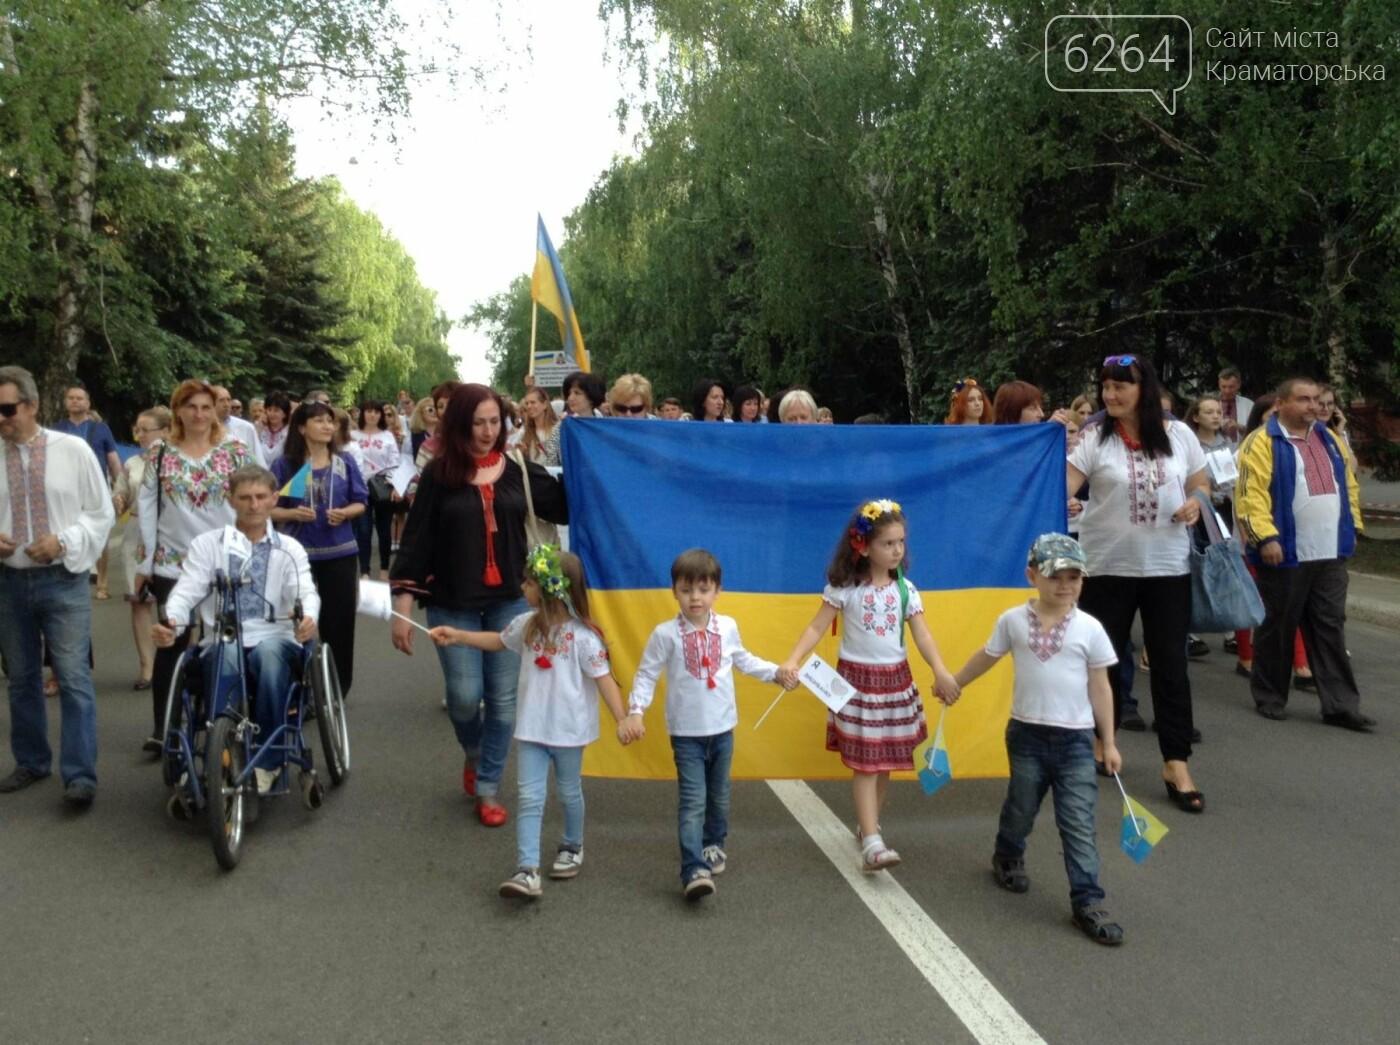 В Краматорске праздничным шествием доказали, что «Вышиванка - это код нации», фото-4